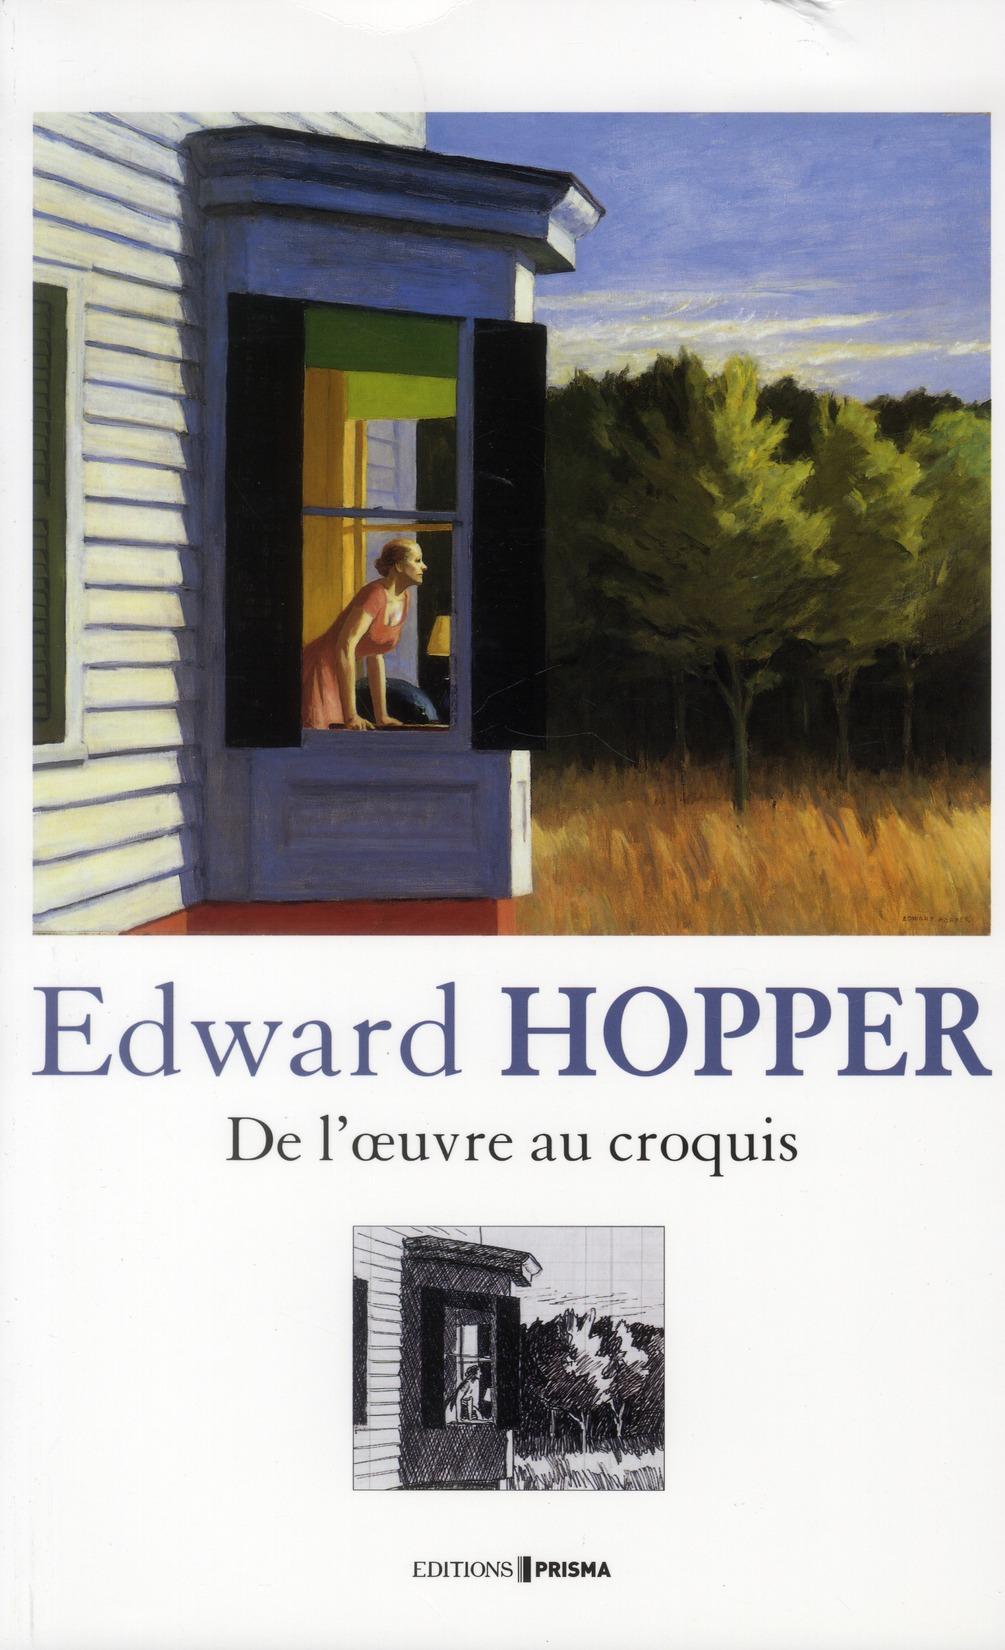 EDWARD HOPPER DE L'OEUVRE AU CROQUIS LYONS/O'DOHERTY FEMME ACTUELLE